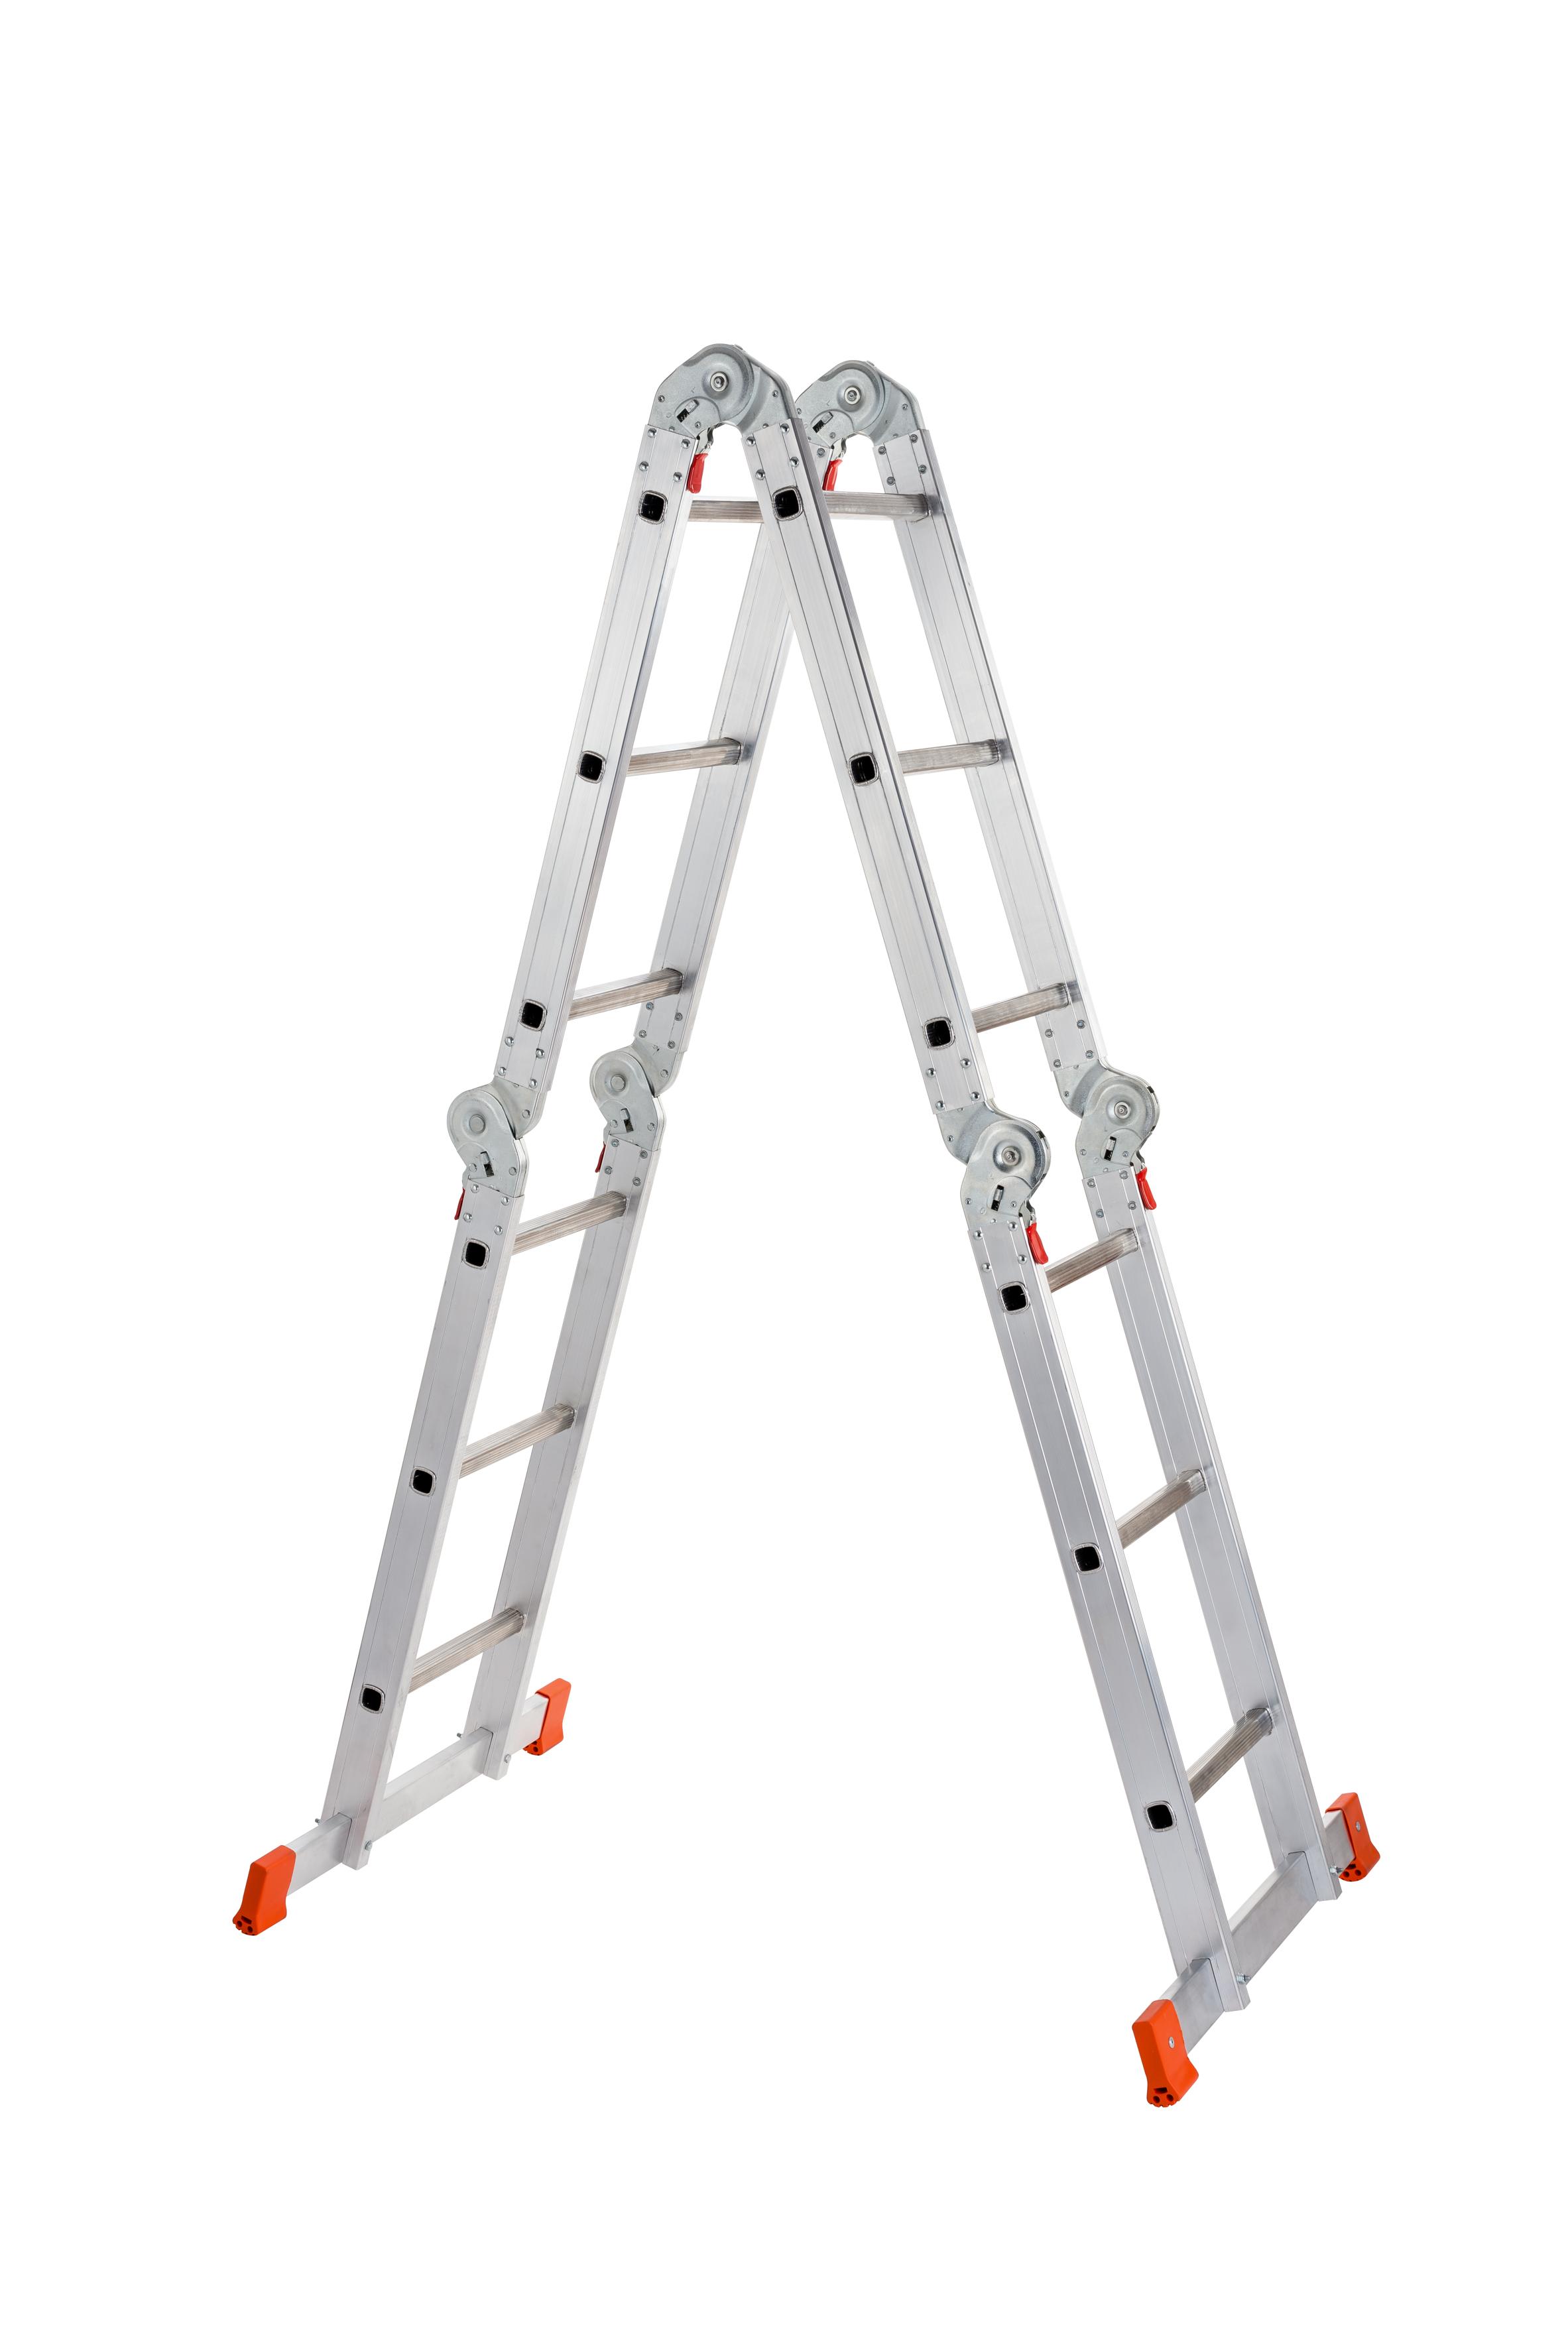 Kloubový žebříky VENBOS HOBBY 4503 4x3